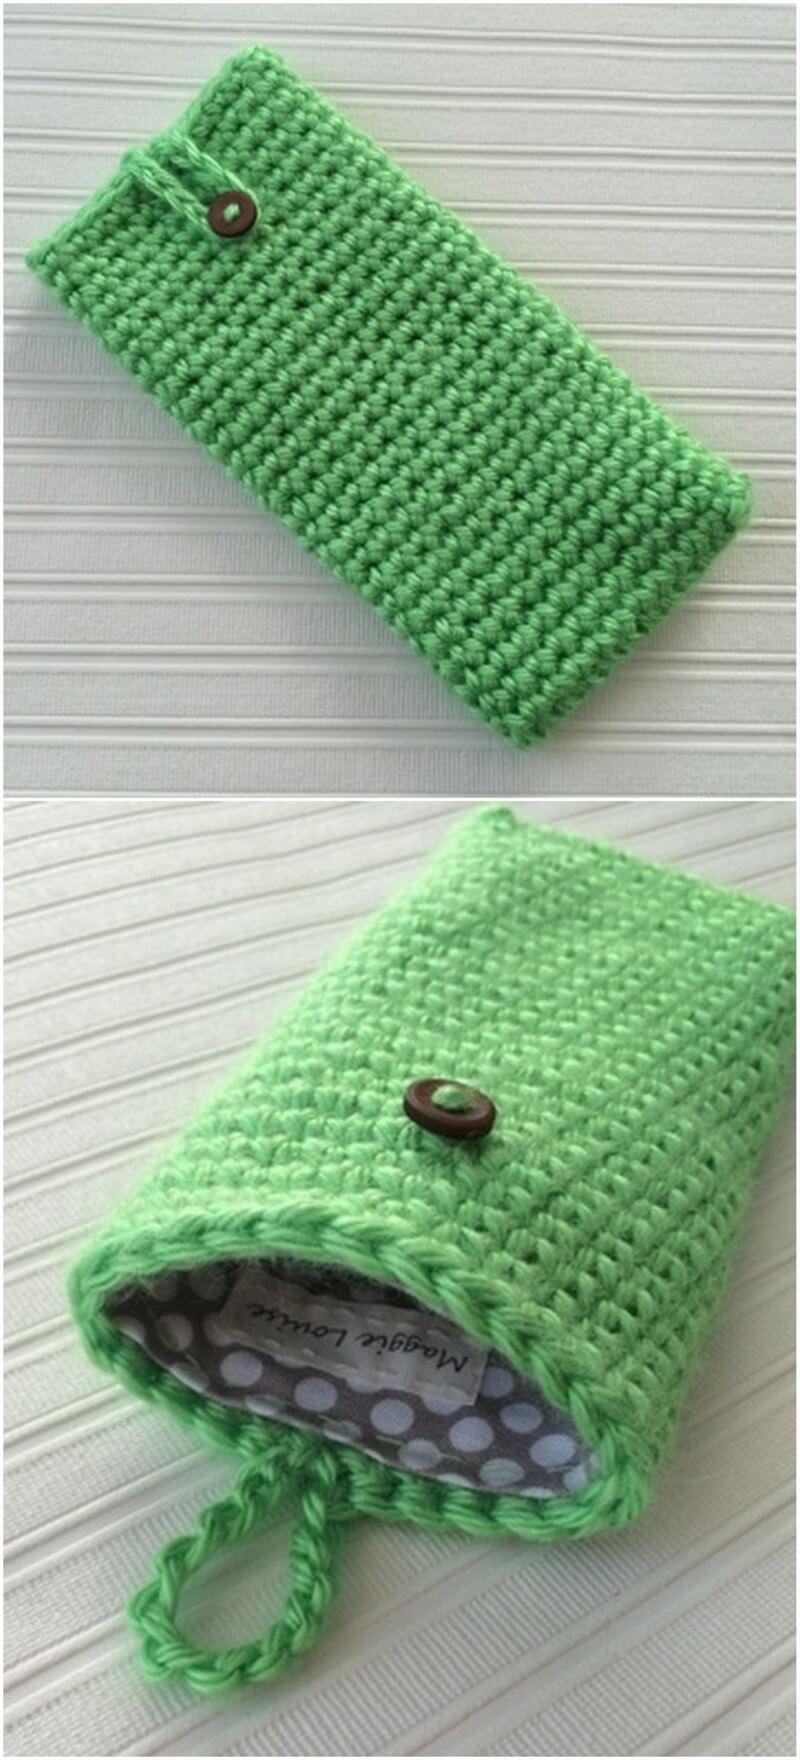 Crochet Mobile Cover Pattern (29)